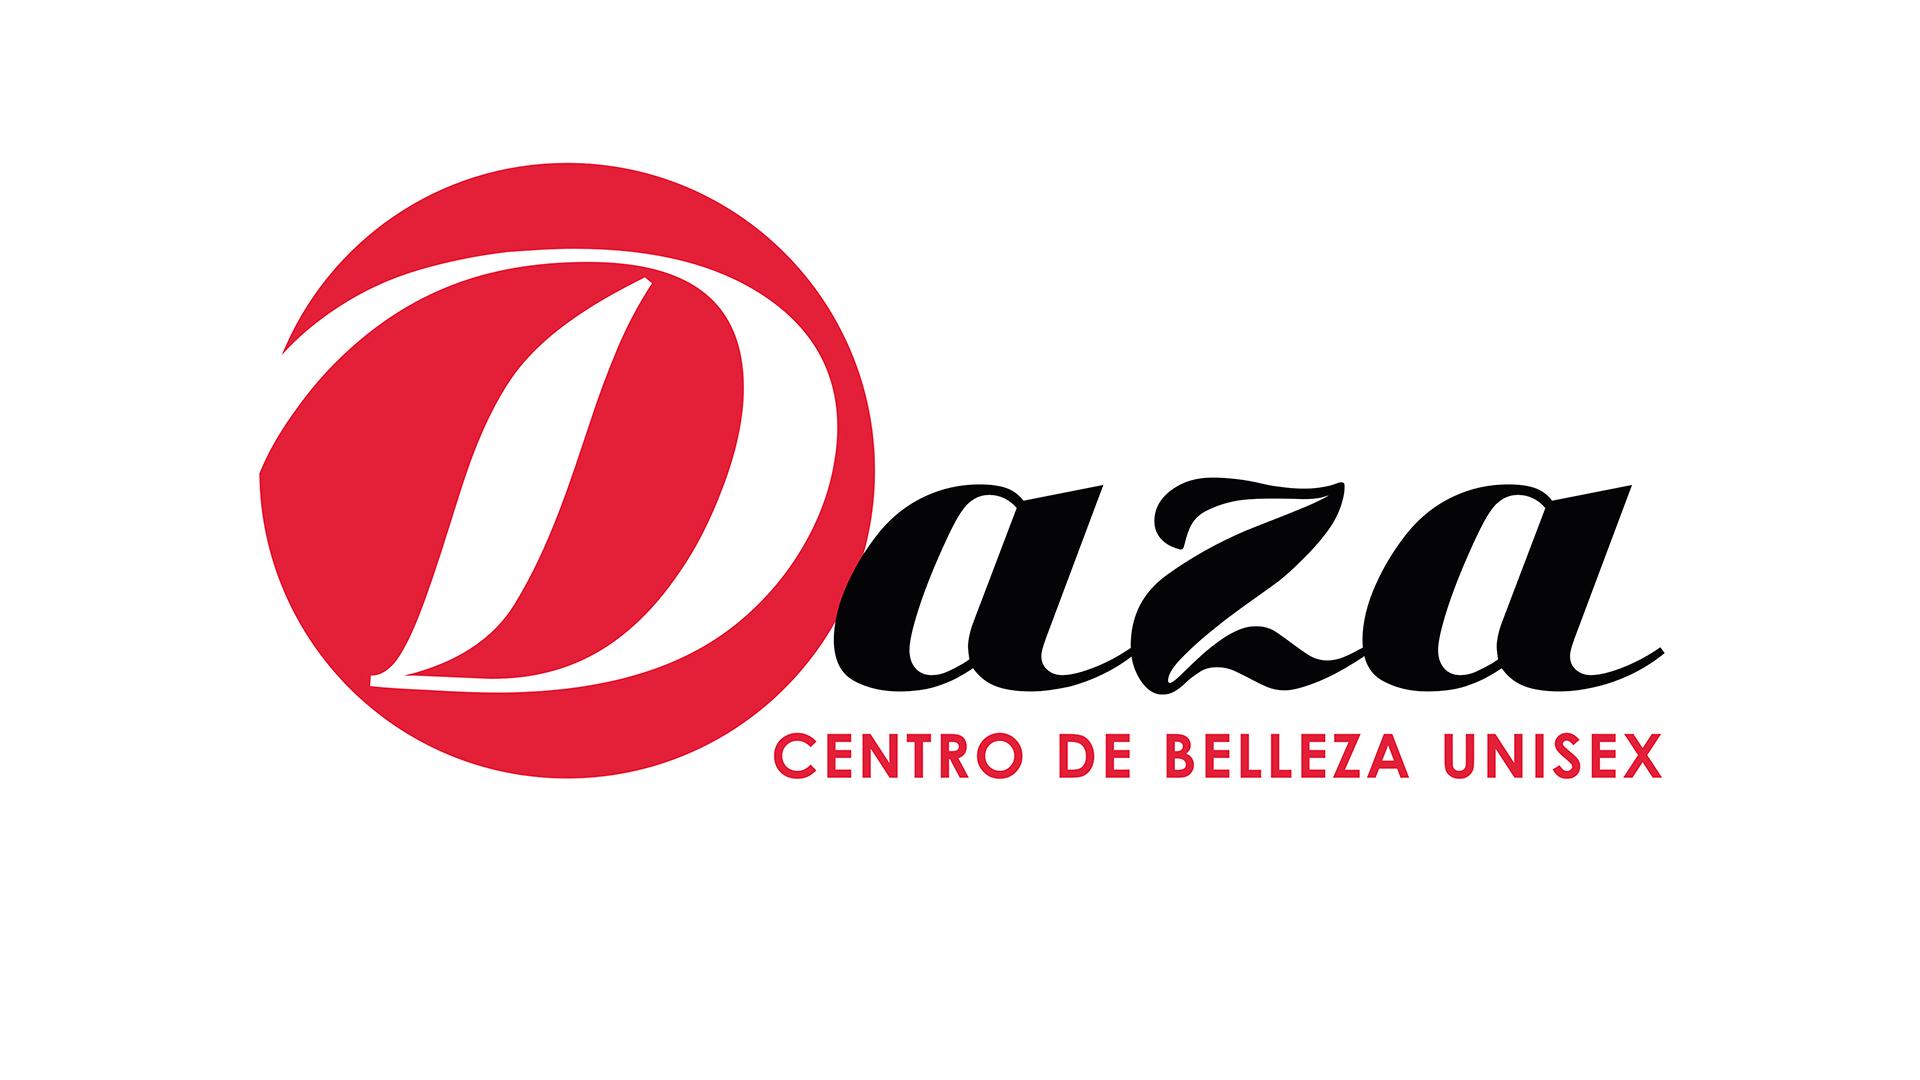 CENTRO DE BELLEZA DAZA - Logotipo